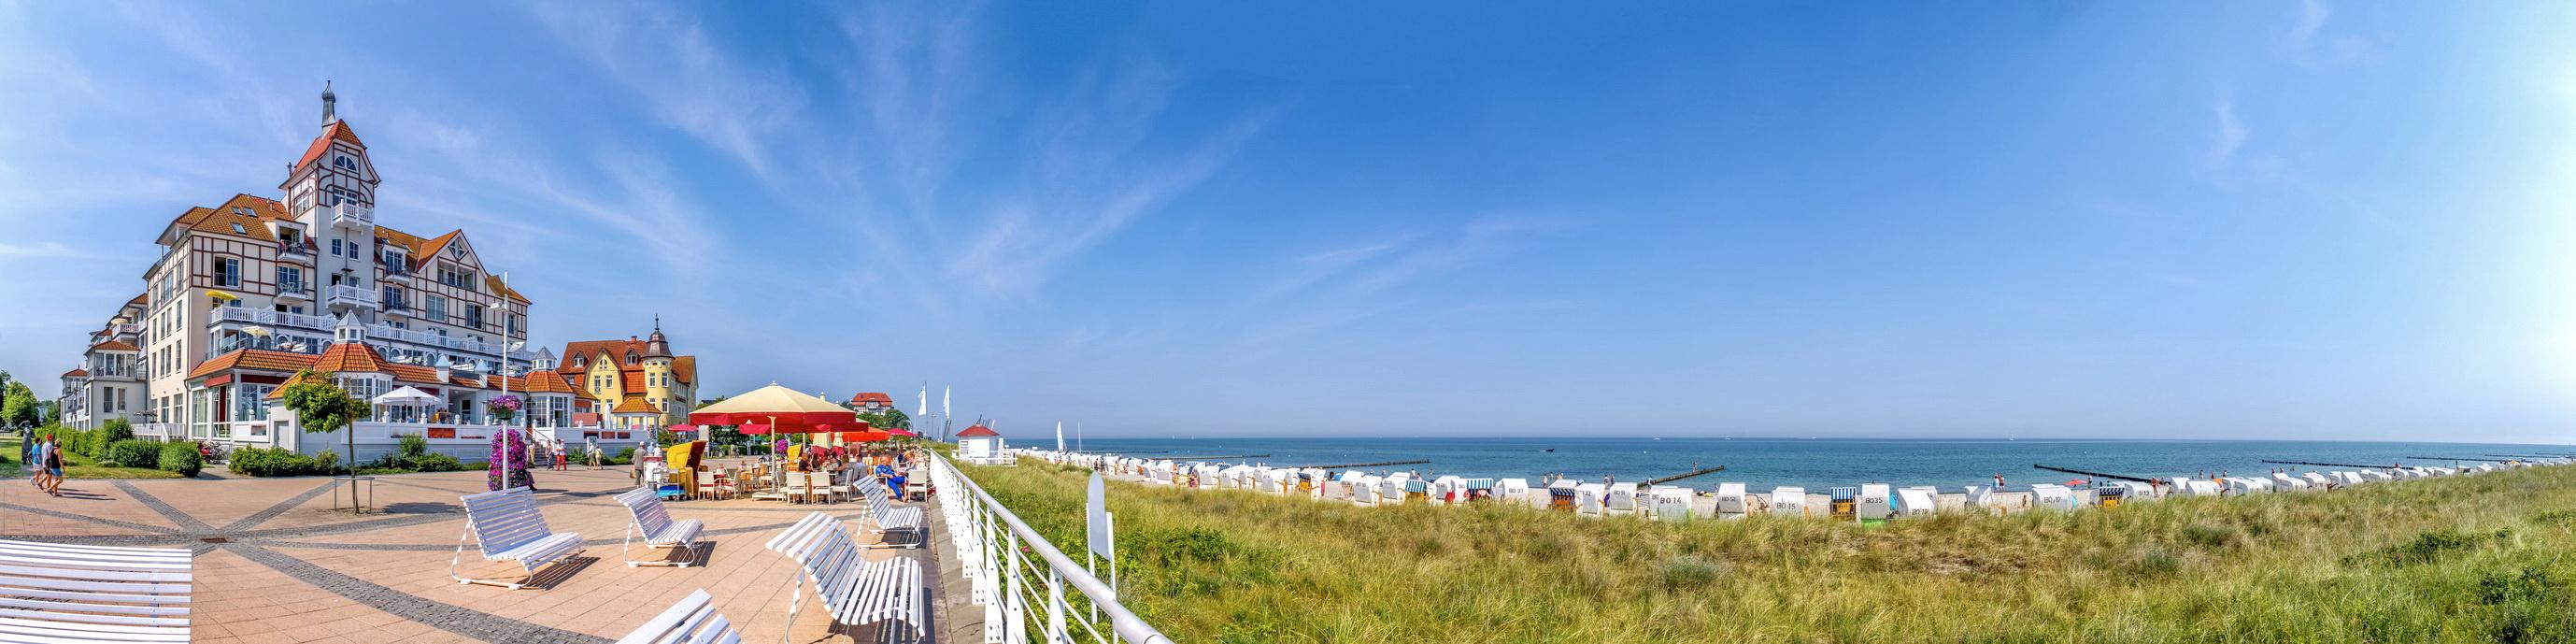 Panoramabild von Kühlungsborn